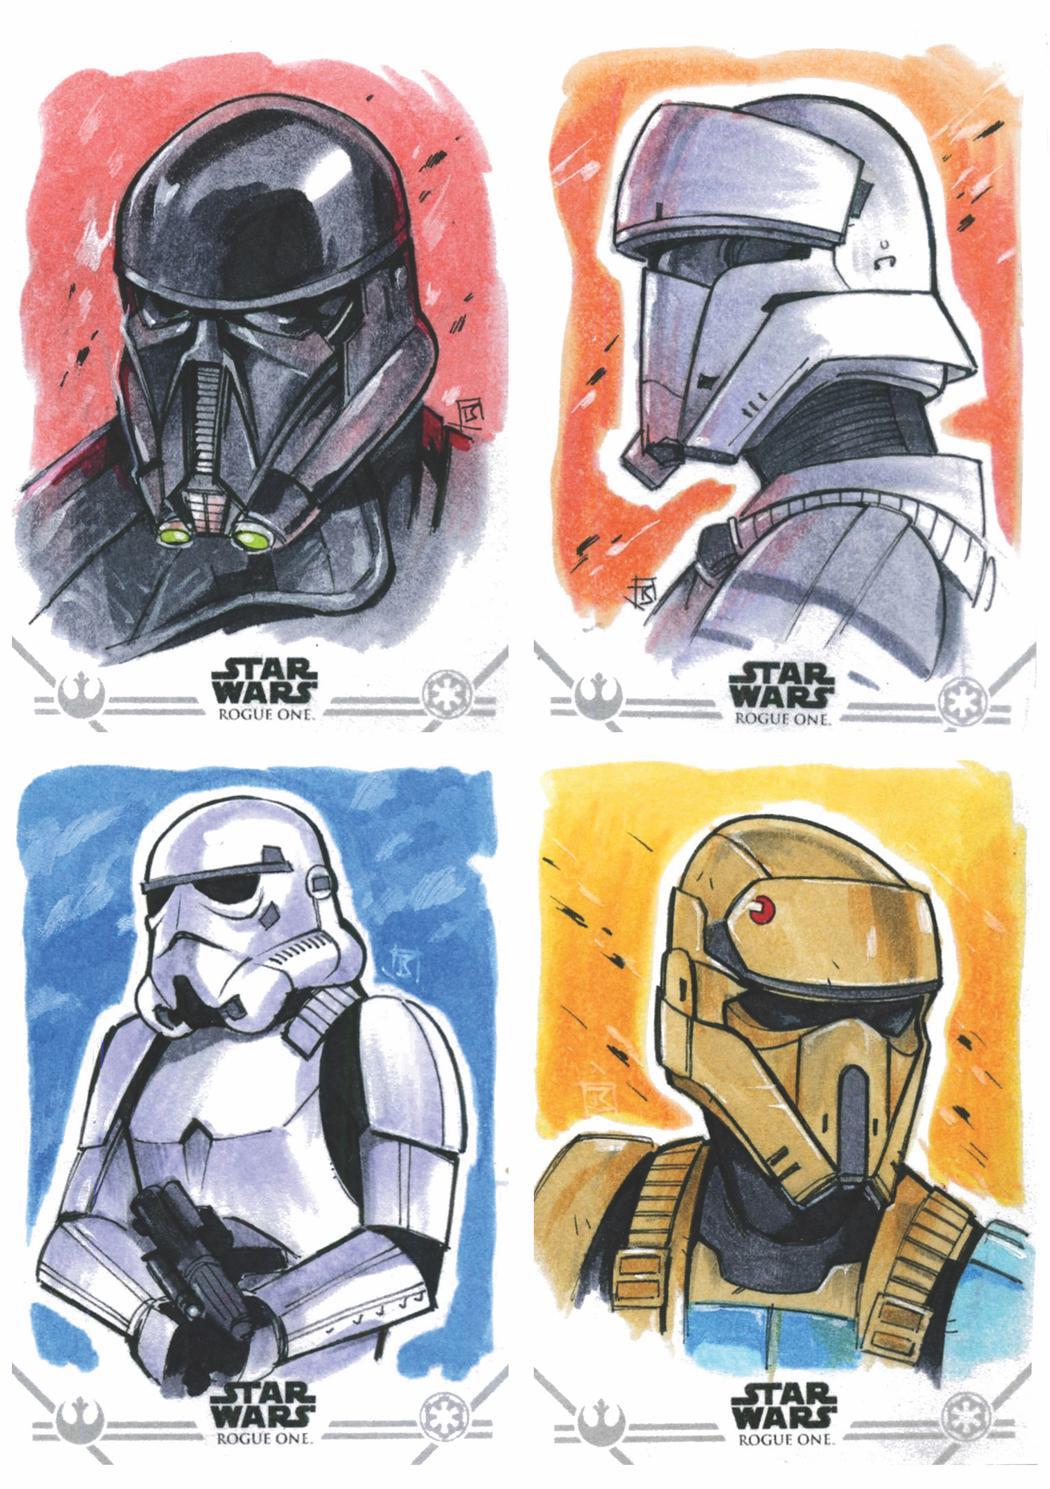 Lo Los Quisiste Saber Stormtroopers Que Siempre Vice Sobre MpSVzU